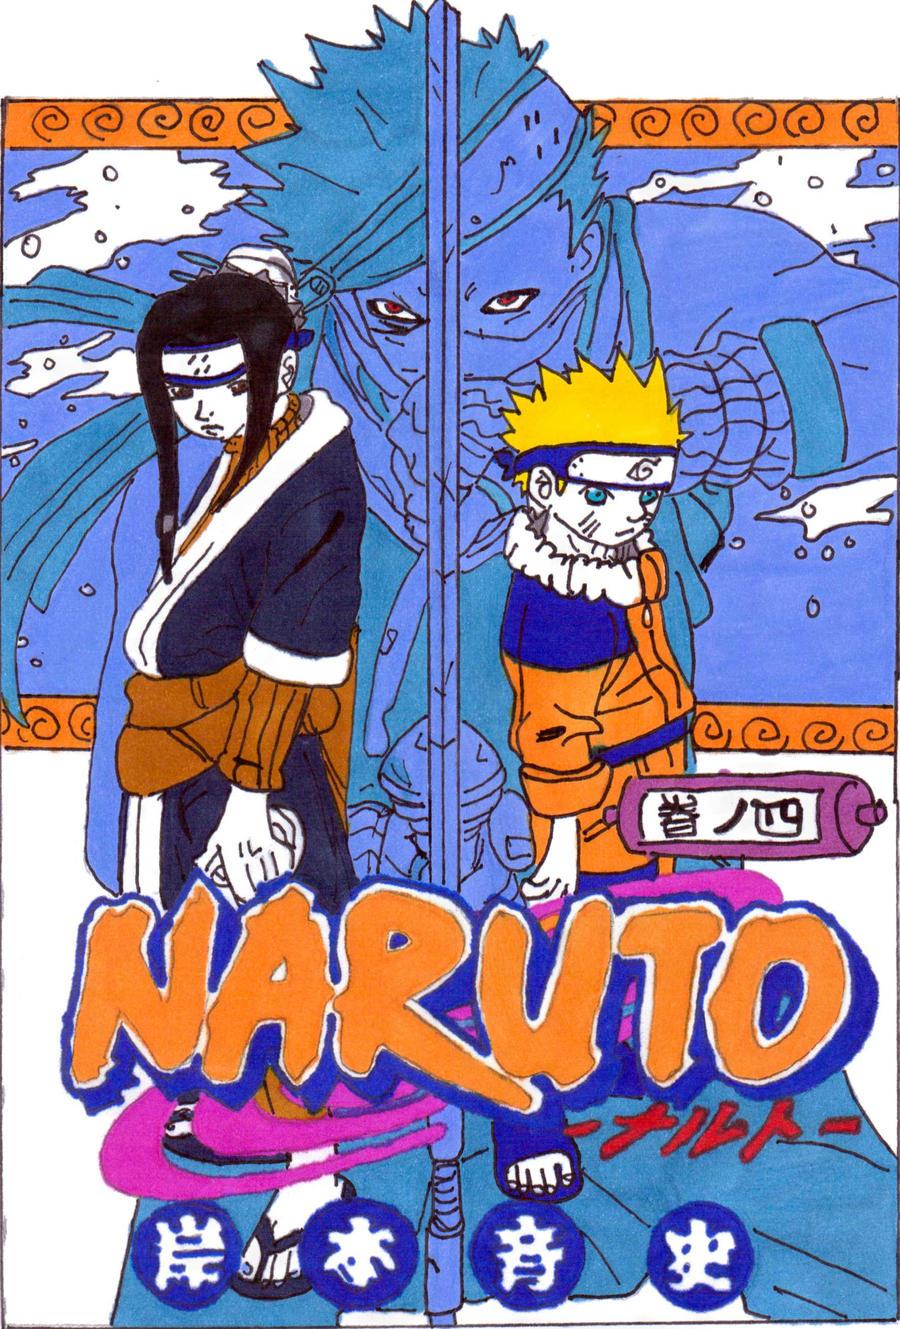 Naruto manga cover 1 page 8